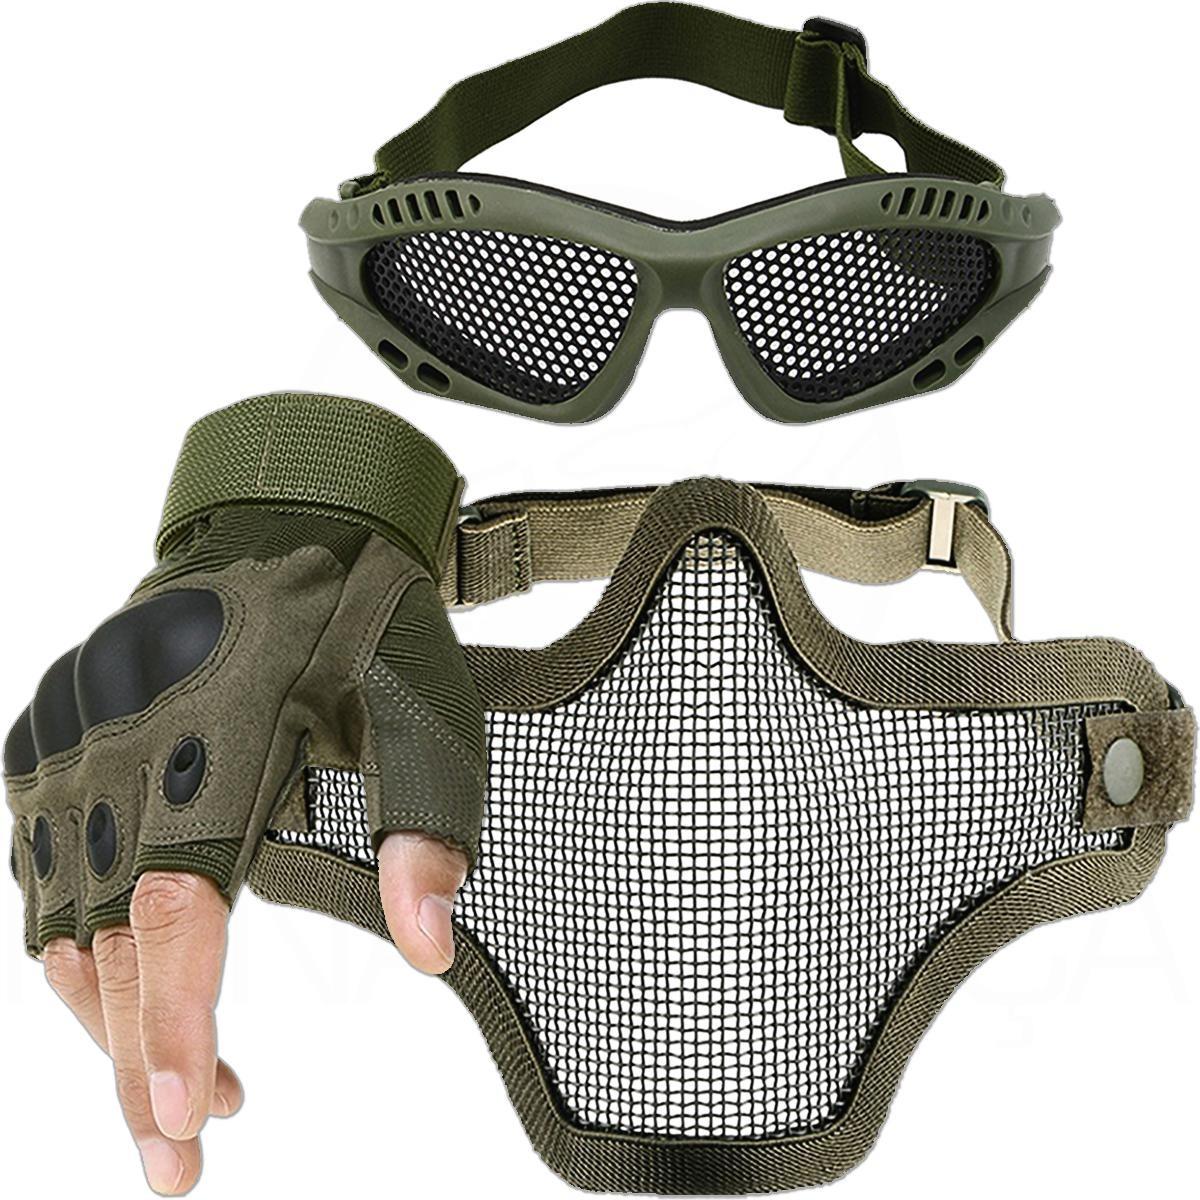 51afe477f kit airsoft luva tática máscara de tela óculos telado erde. Carregando zoom.